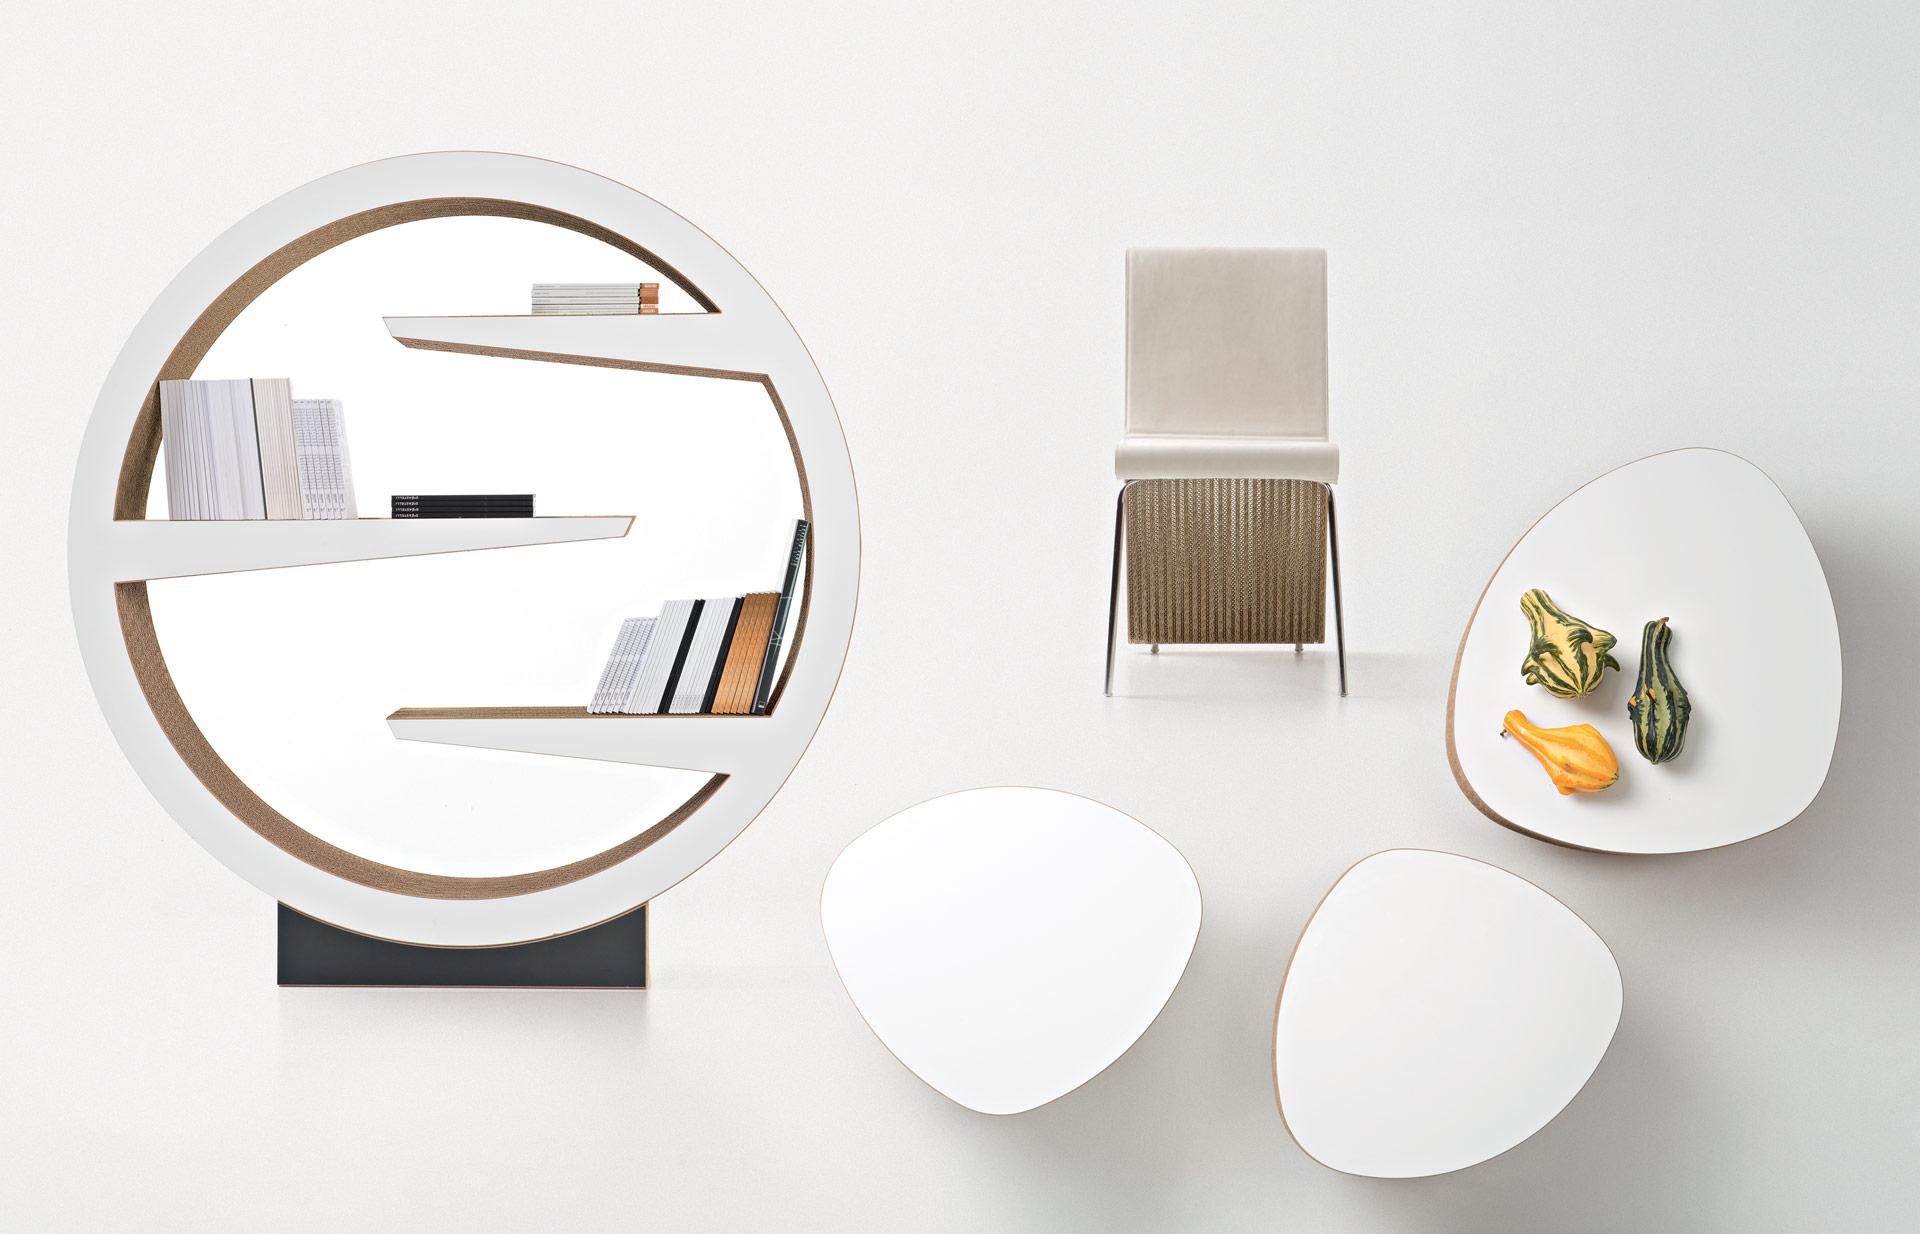 Oggetti moderni quadri per arredamento come sceglierli for Casa moderna tetto piatto